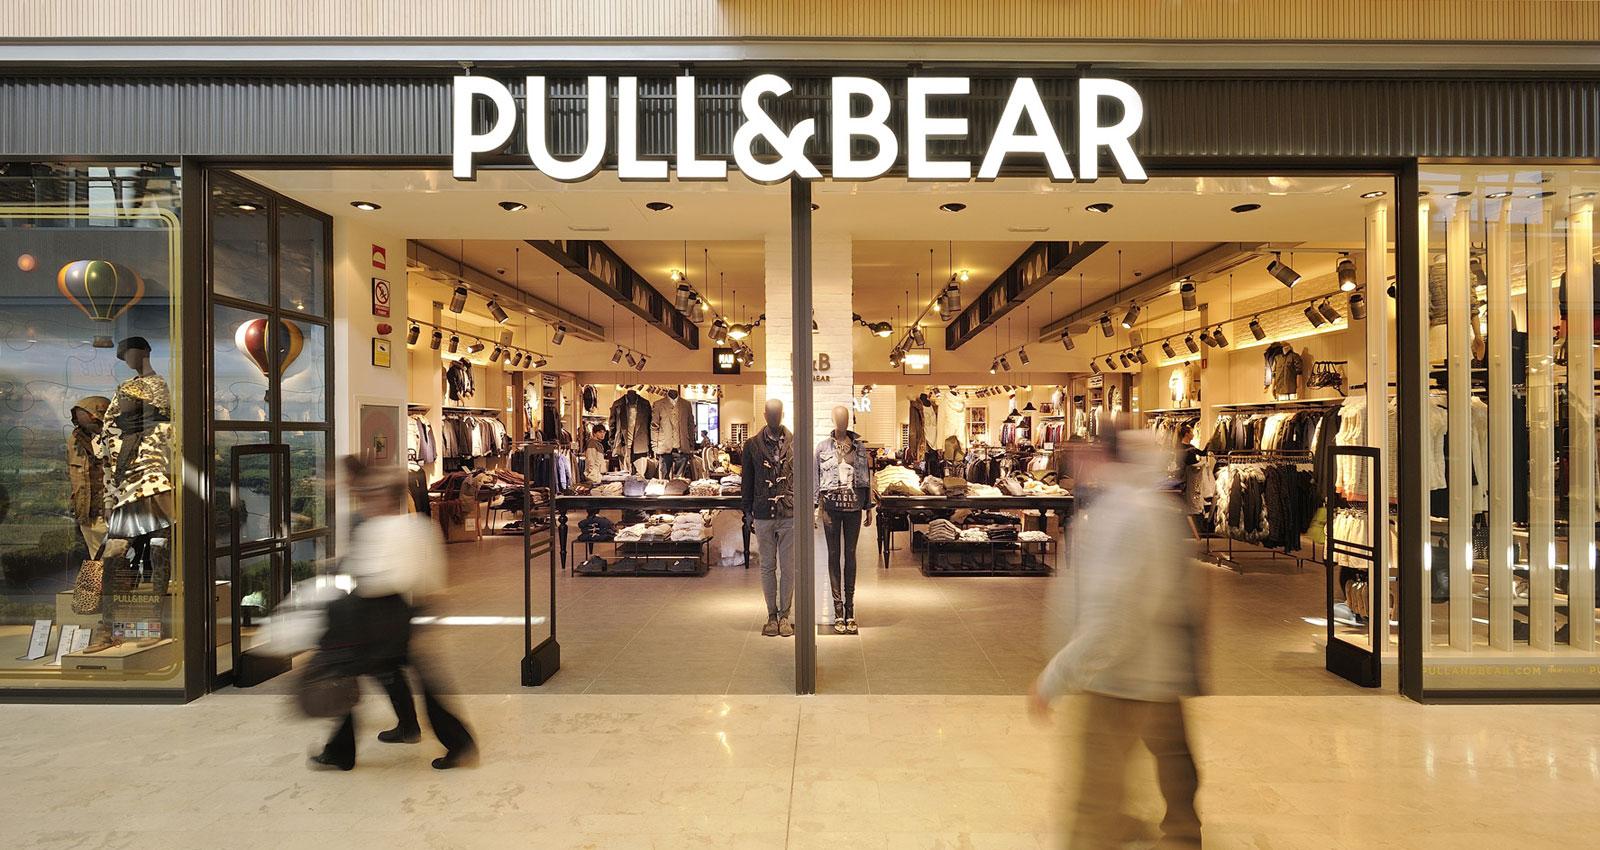 Pull&bear online shop. likes. Манай бvx бараа баталгаатай ба хоног ирж xvpгэлт хийх болно!